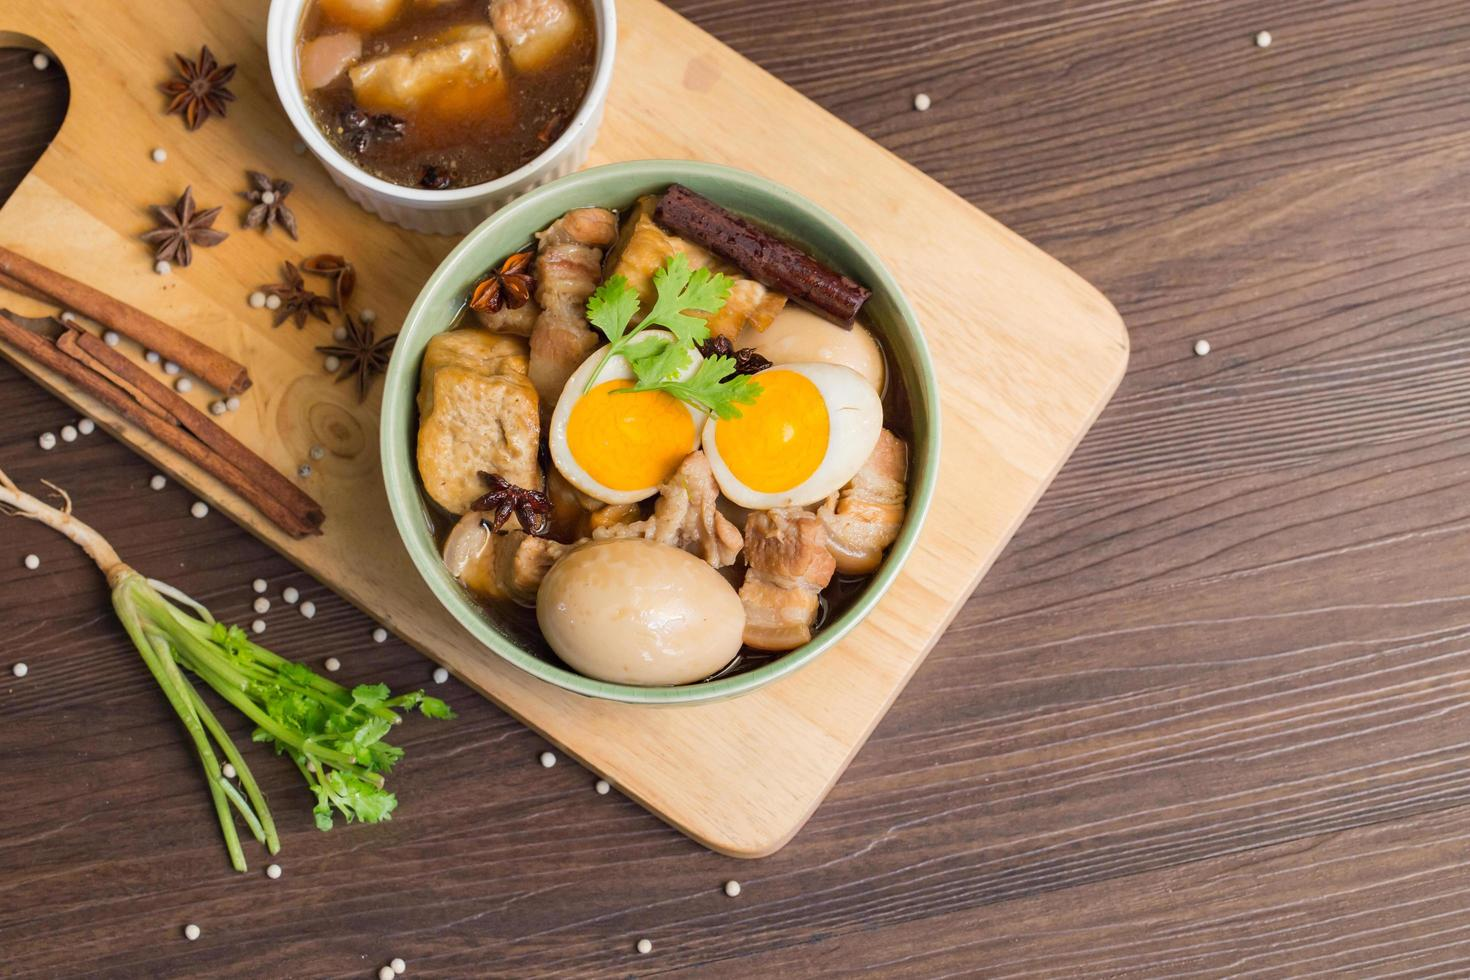 huevos y cerdo dulce con tofu frito, hervido en salsa marrón y en un tazón blanco sobre una vieja plancha de madera marrón. foto